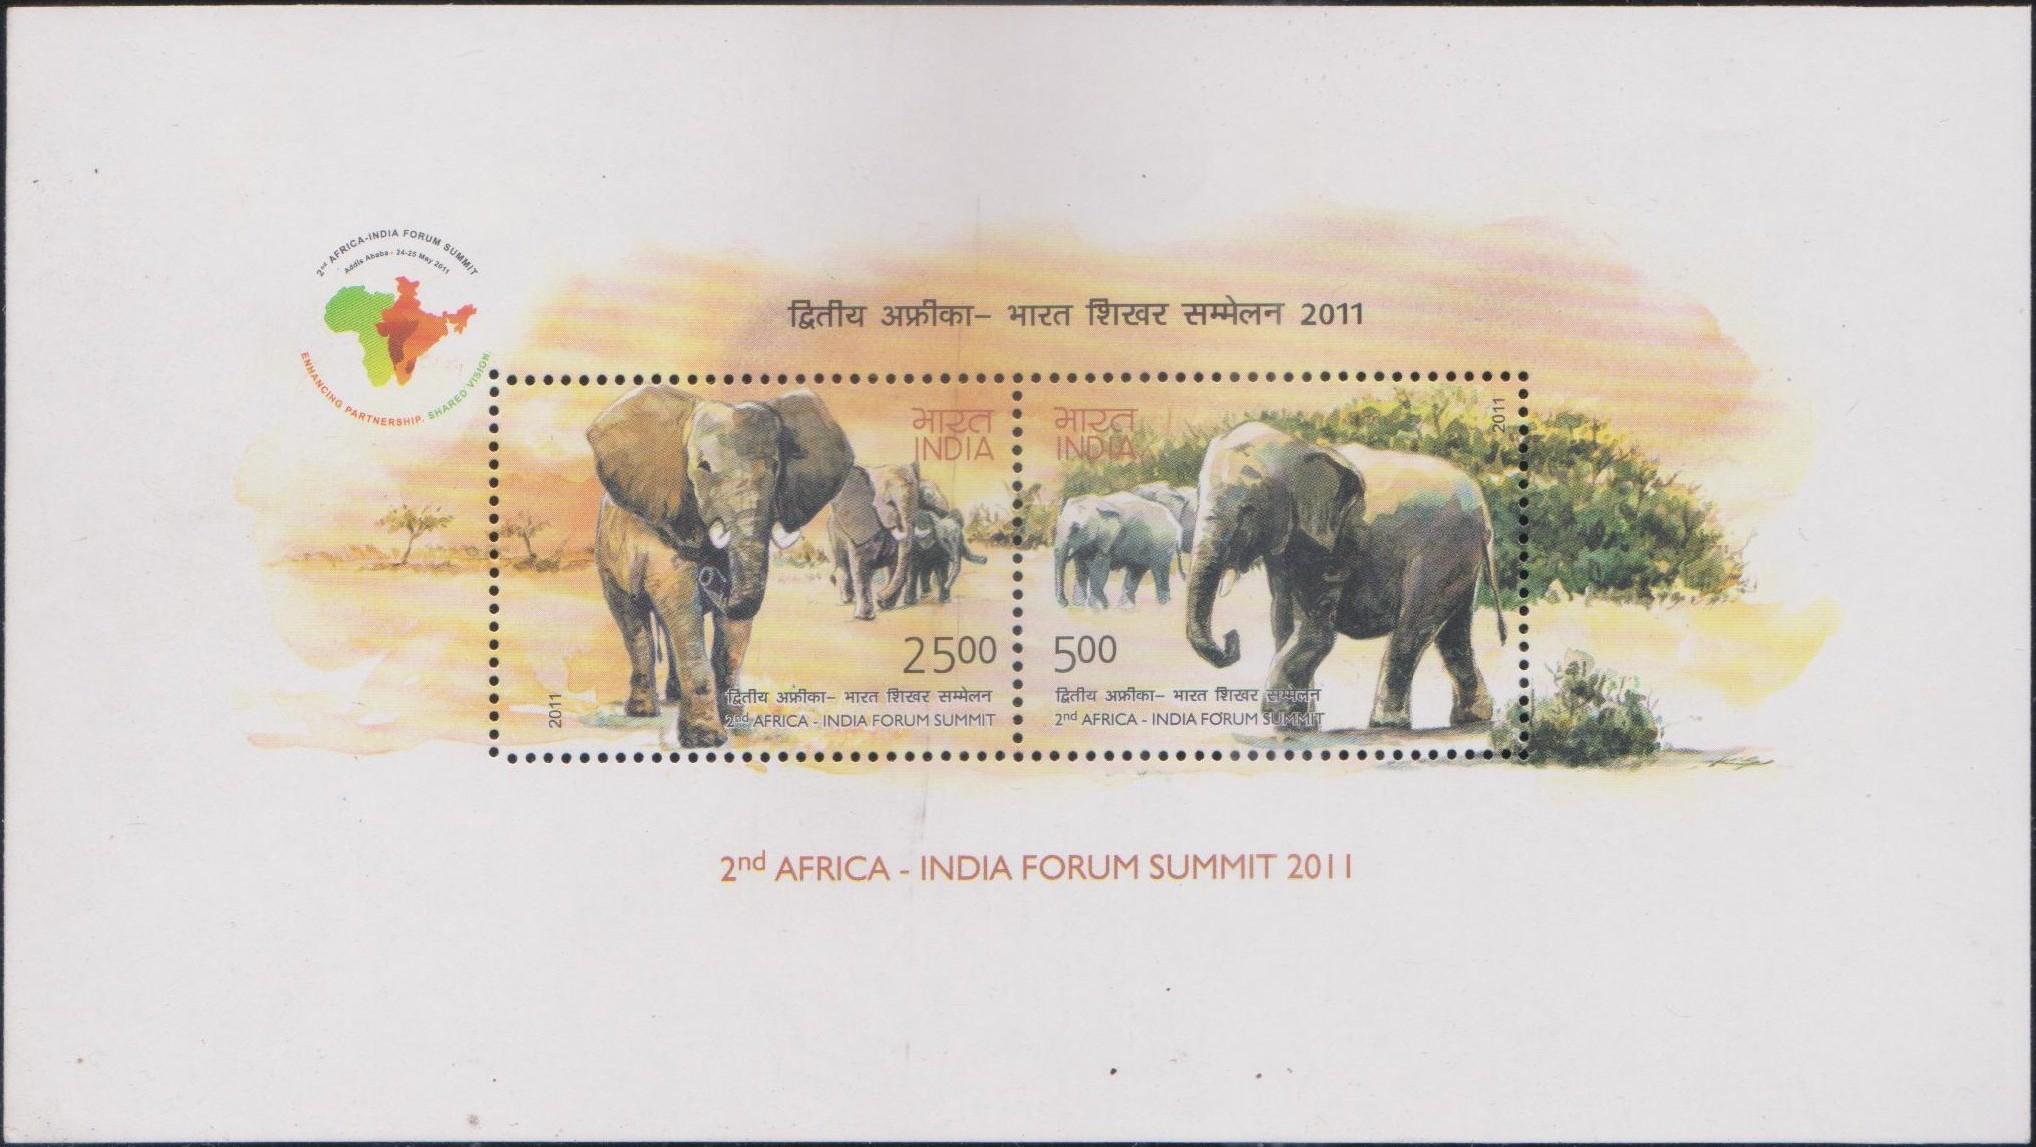 African Elephant (Loxodonta) and Indian Elephant (Elephas maximus indicus)